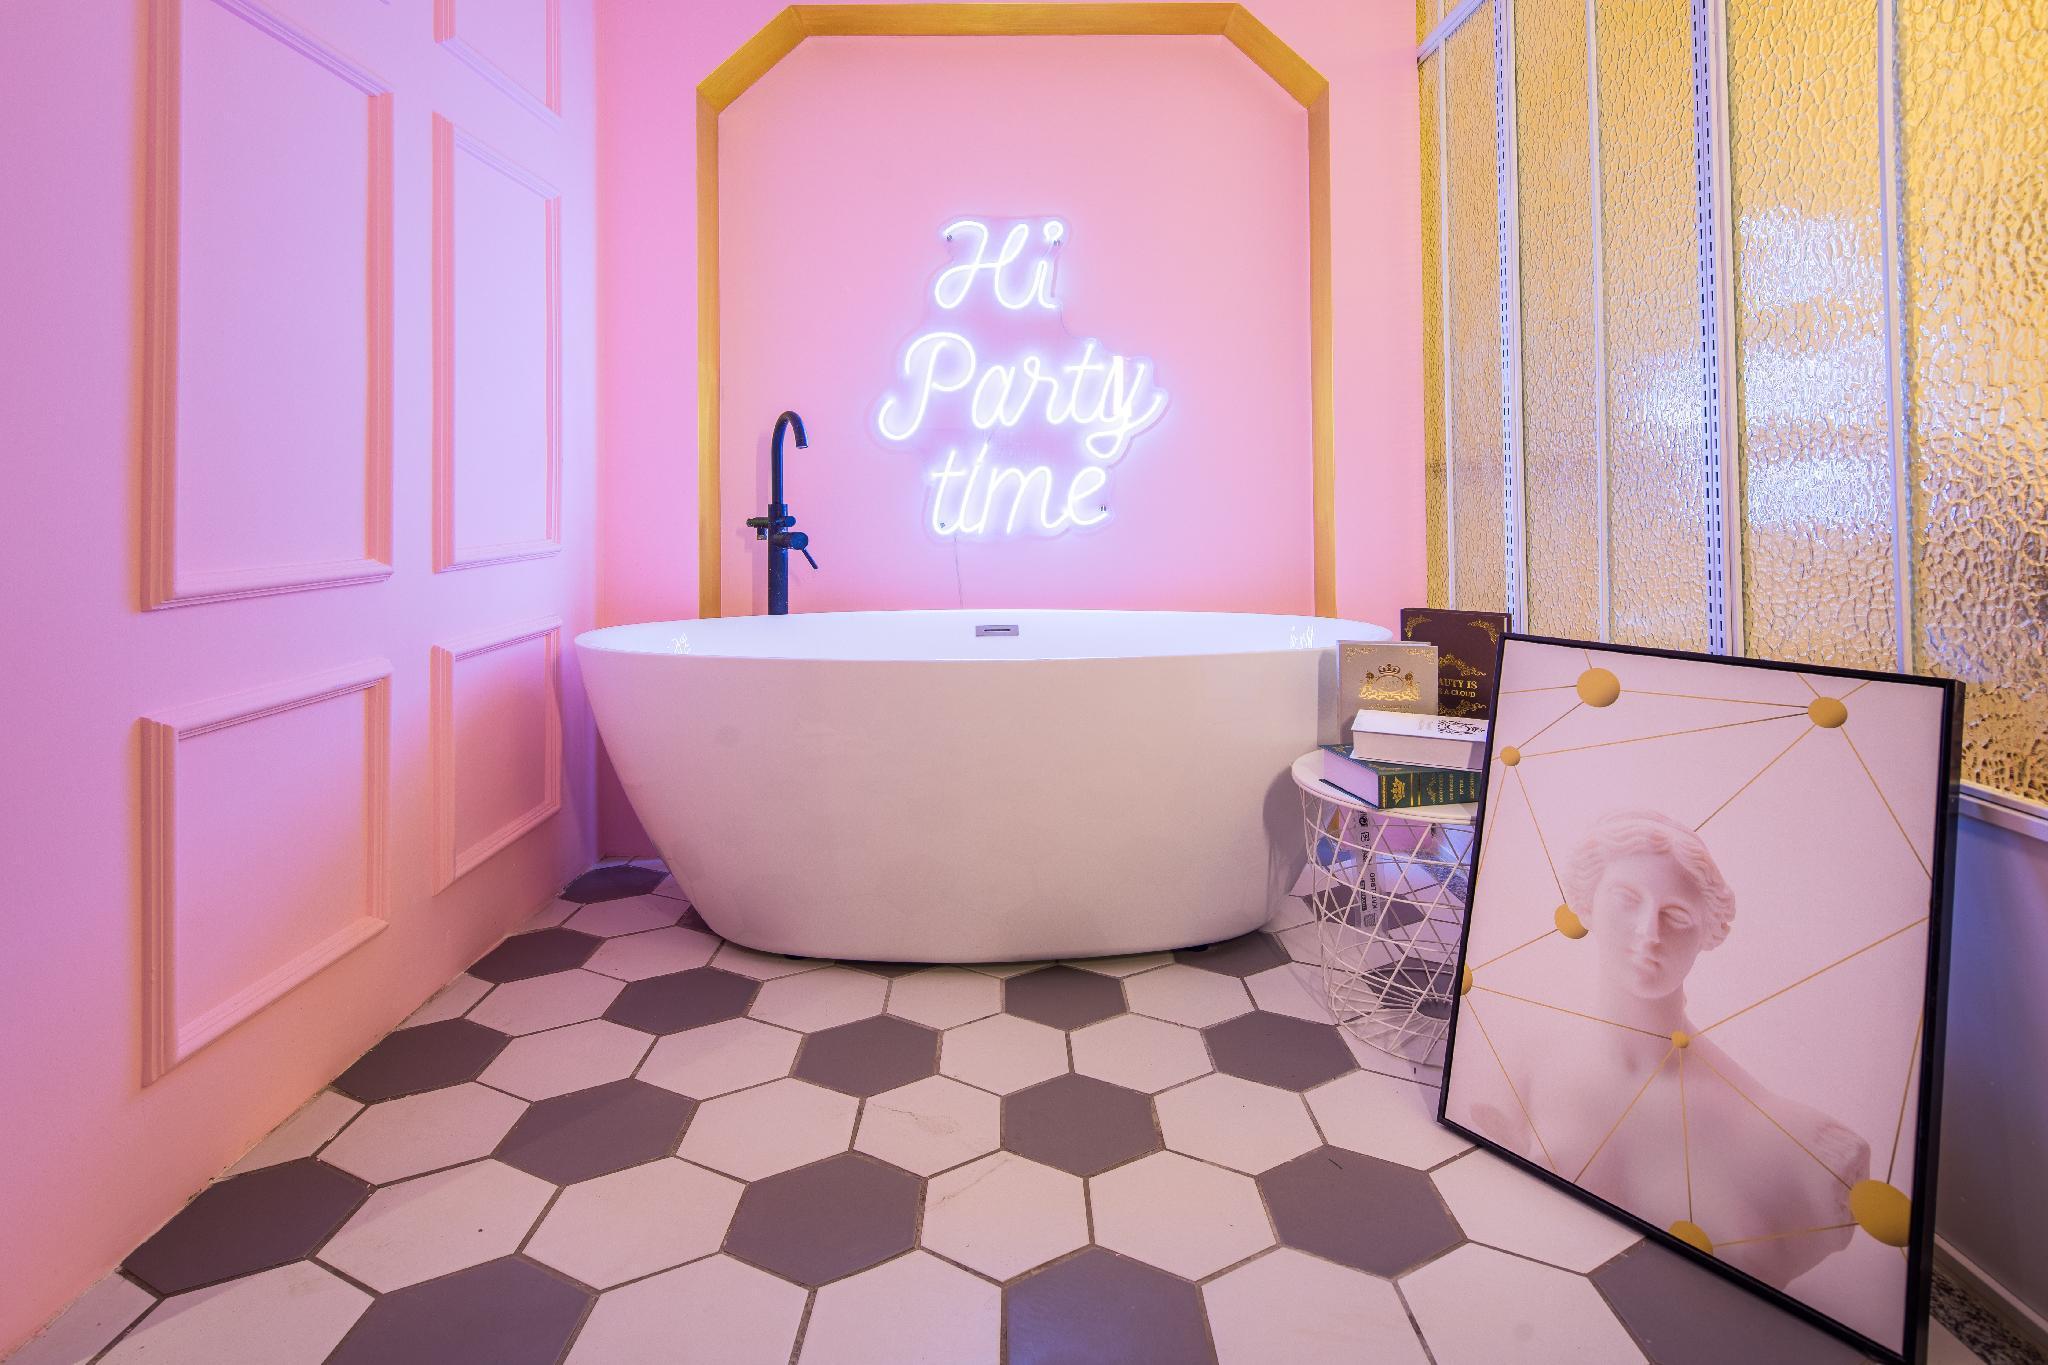 HYY apartment with bathtub